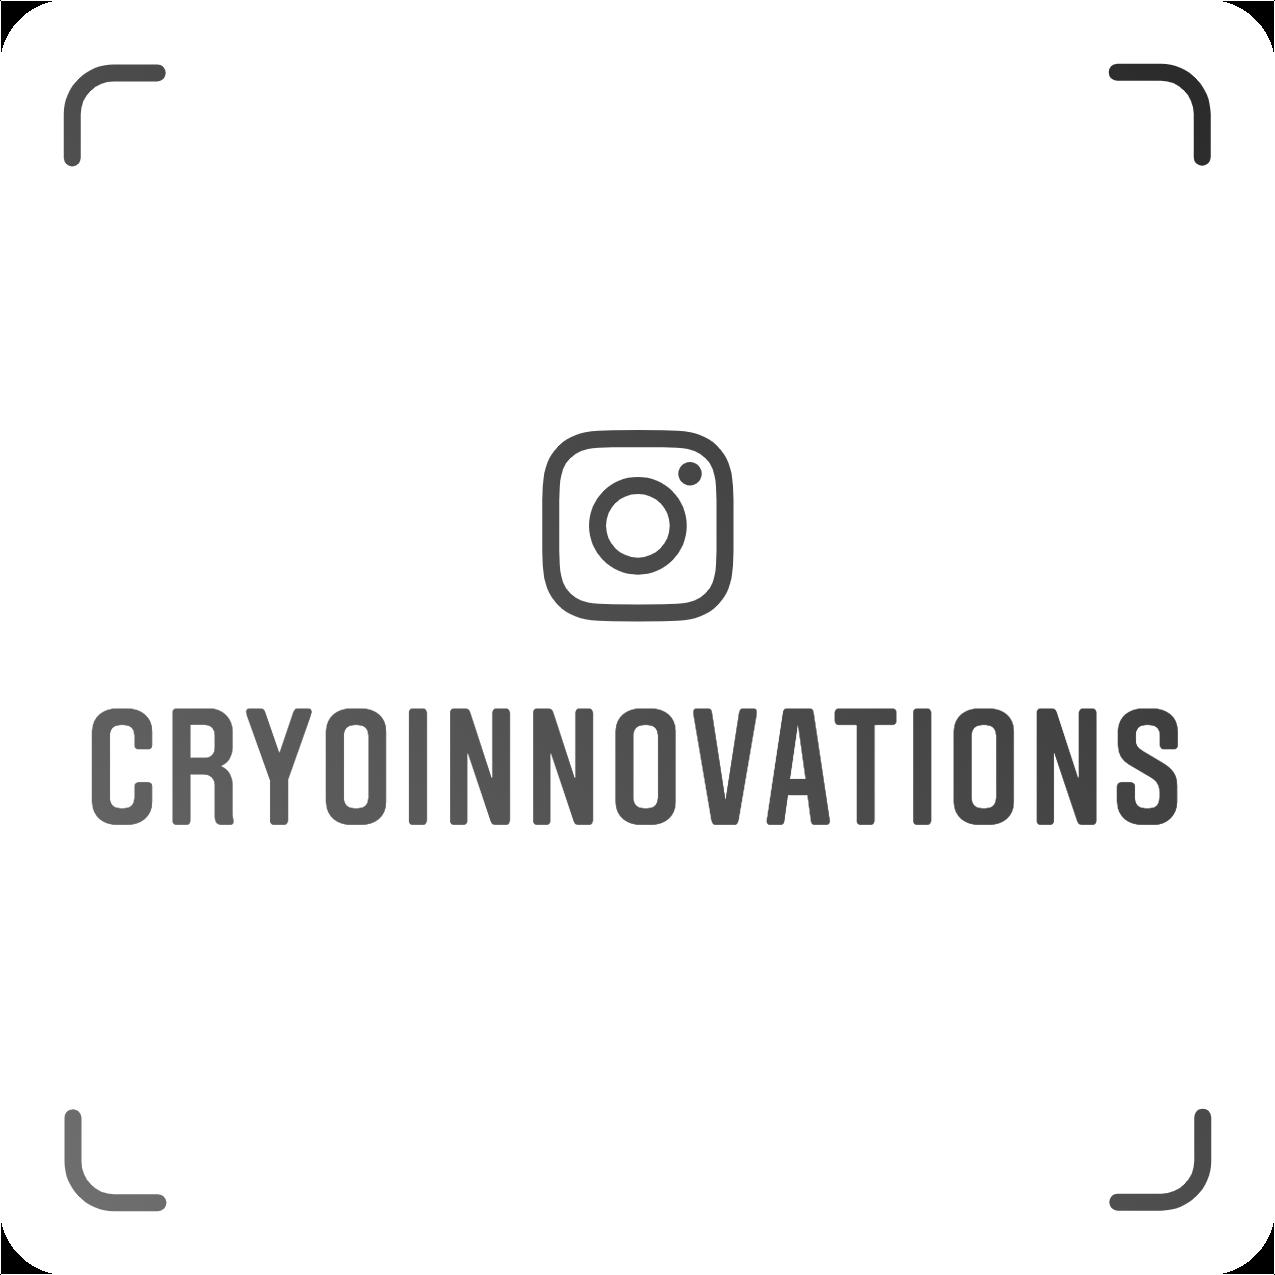 cryoinnovations_nametag.png